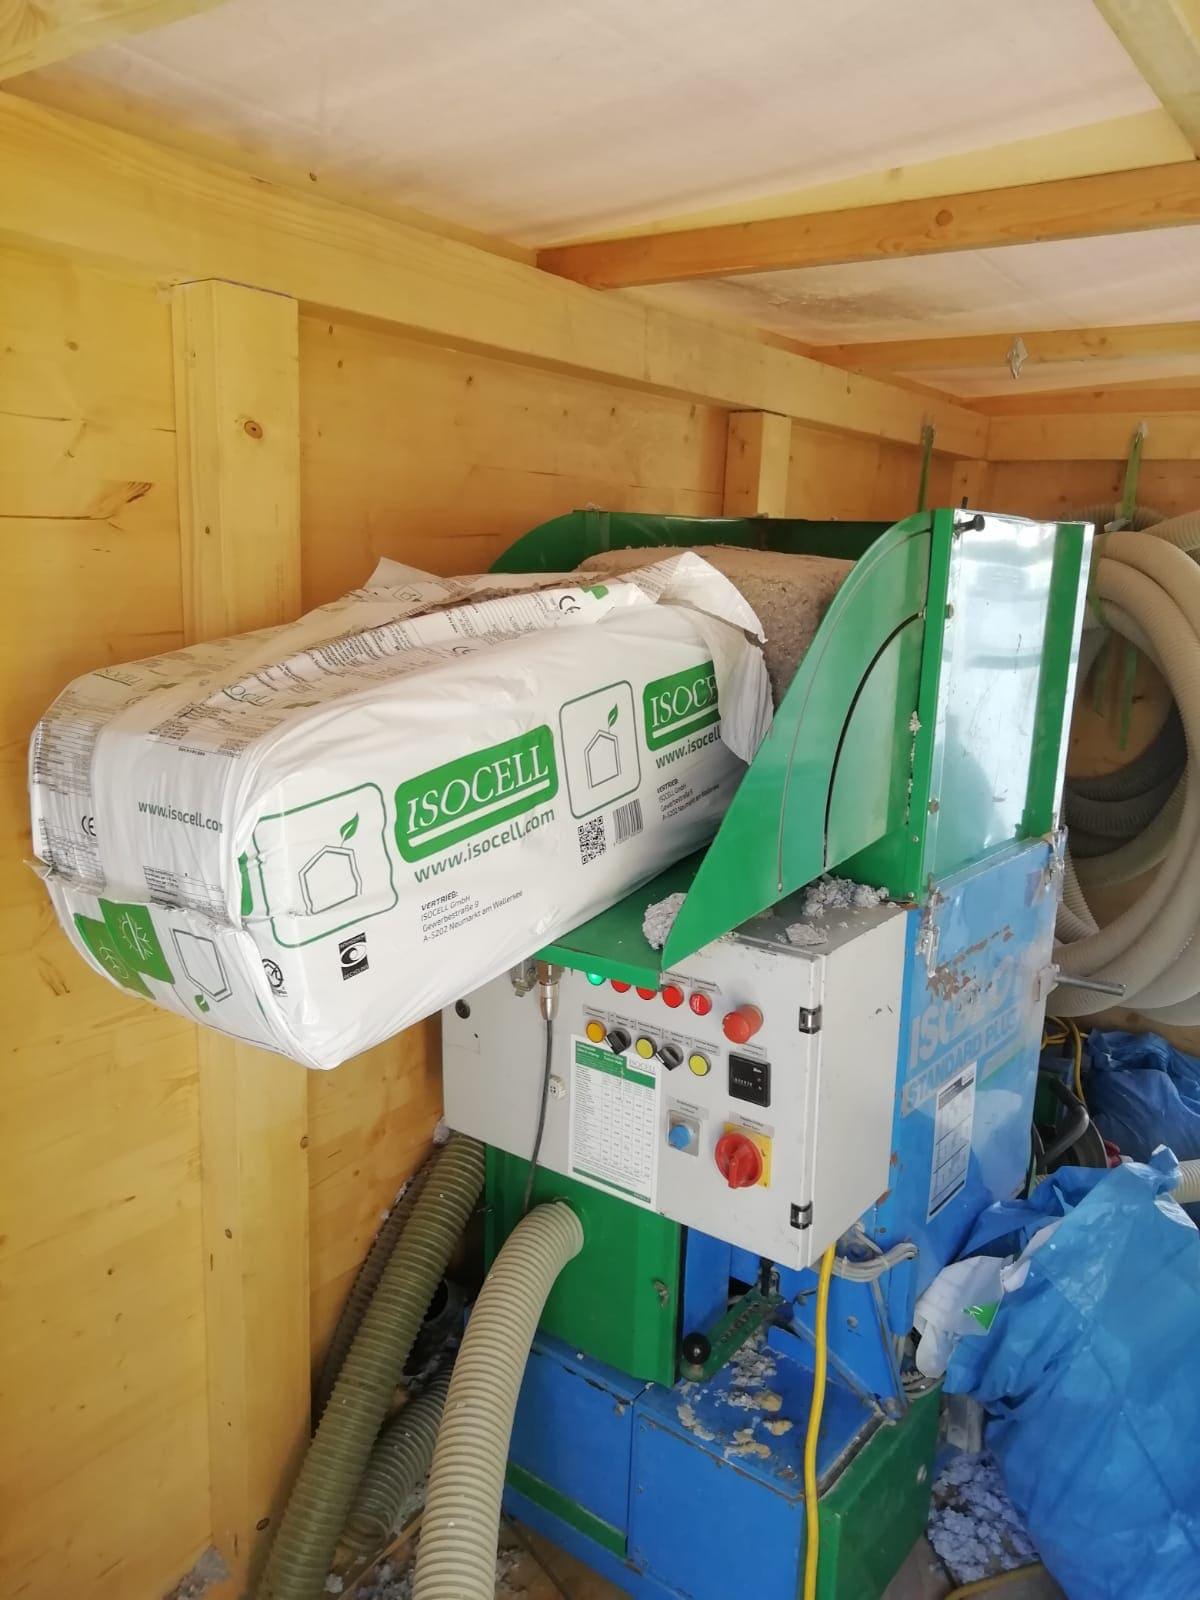 Hier wird die Zellulosedämmung in die Maschine gegeben. Dank der Umhausung aus Holz bleiben Mitarbeiter und Dämmung immer trocken.